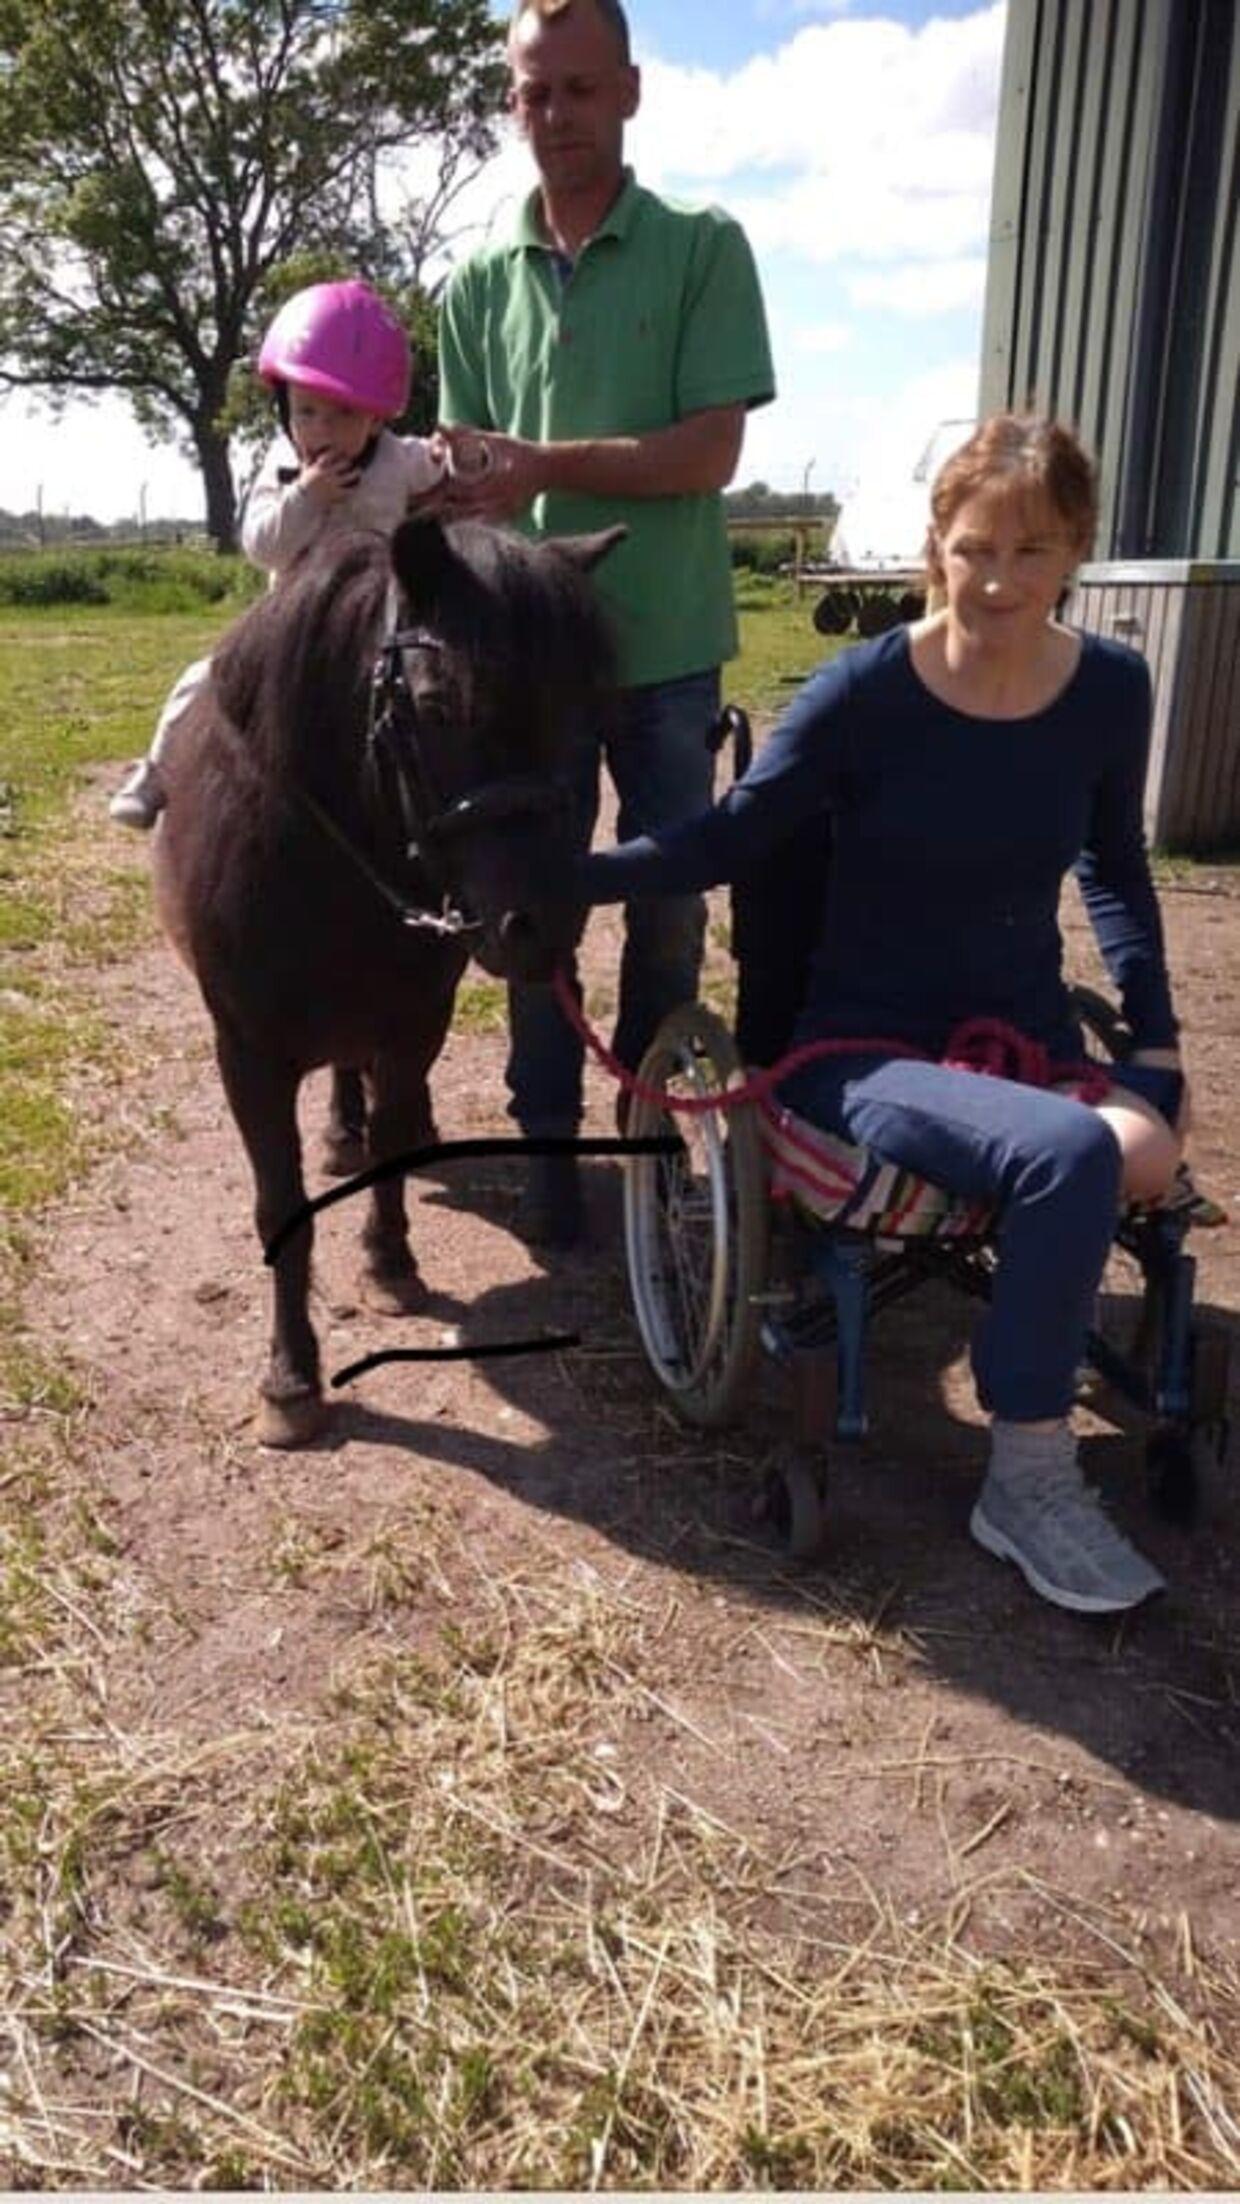 Heidi Marie Claumarch med sin kæreste, datter og hest efter ulykken.